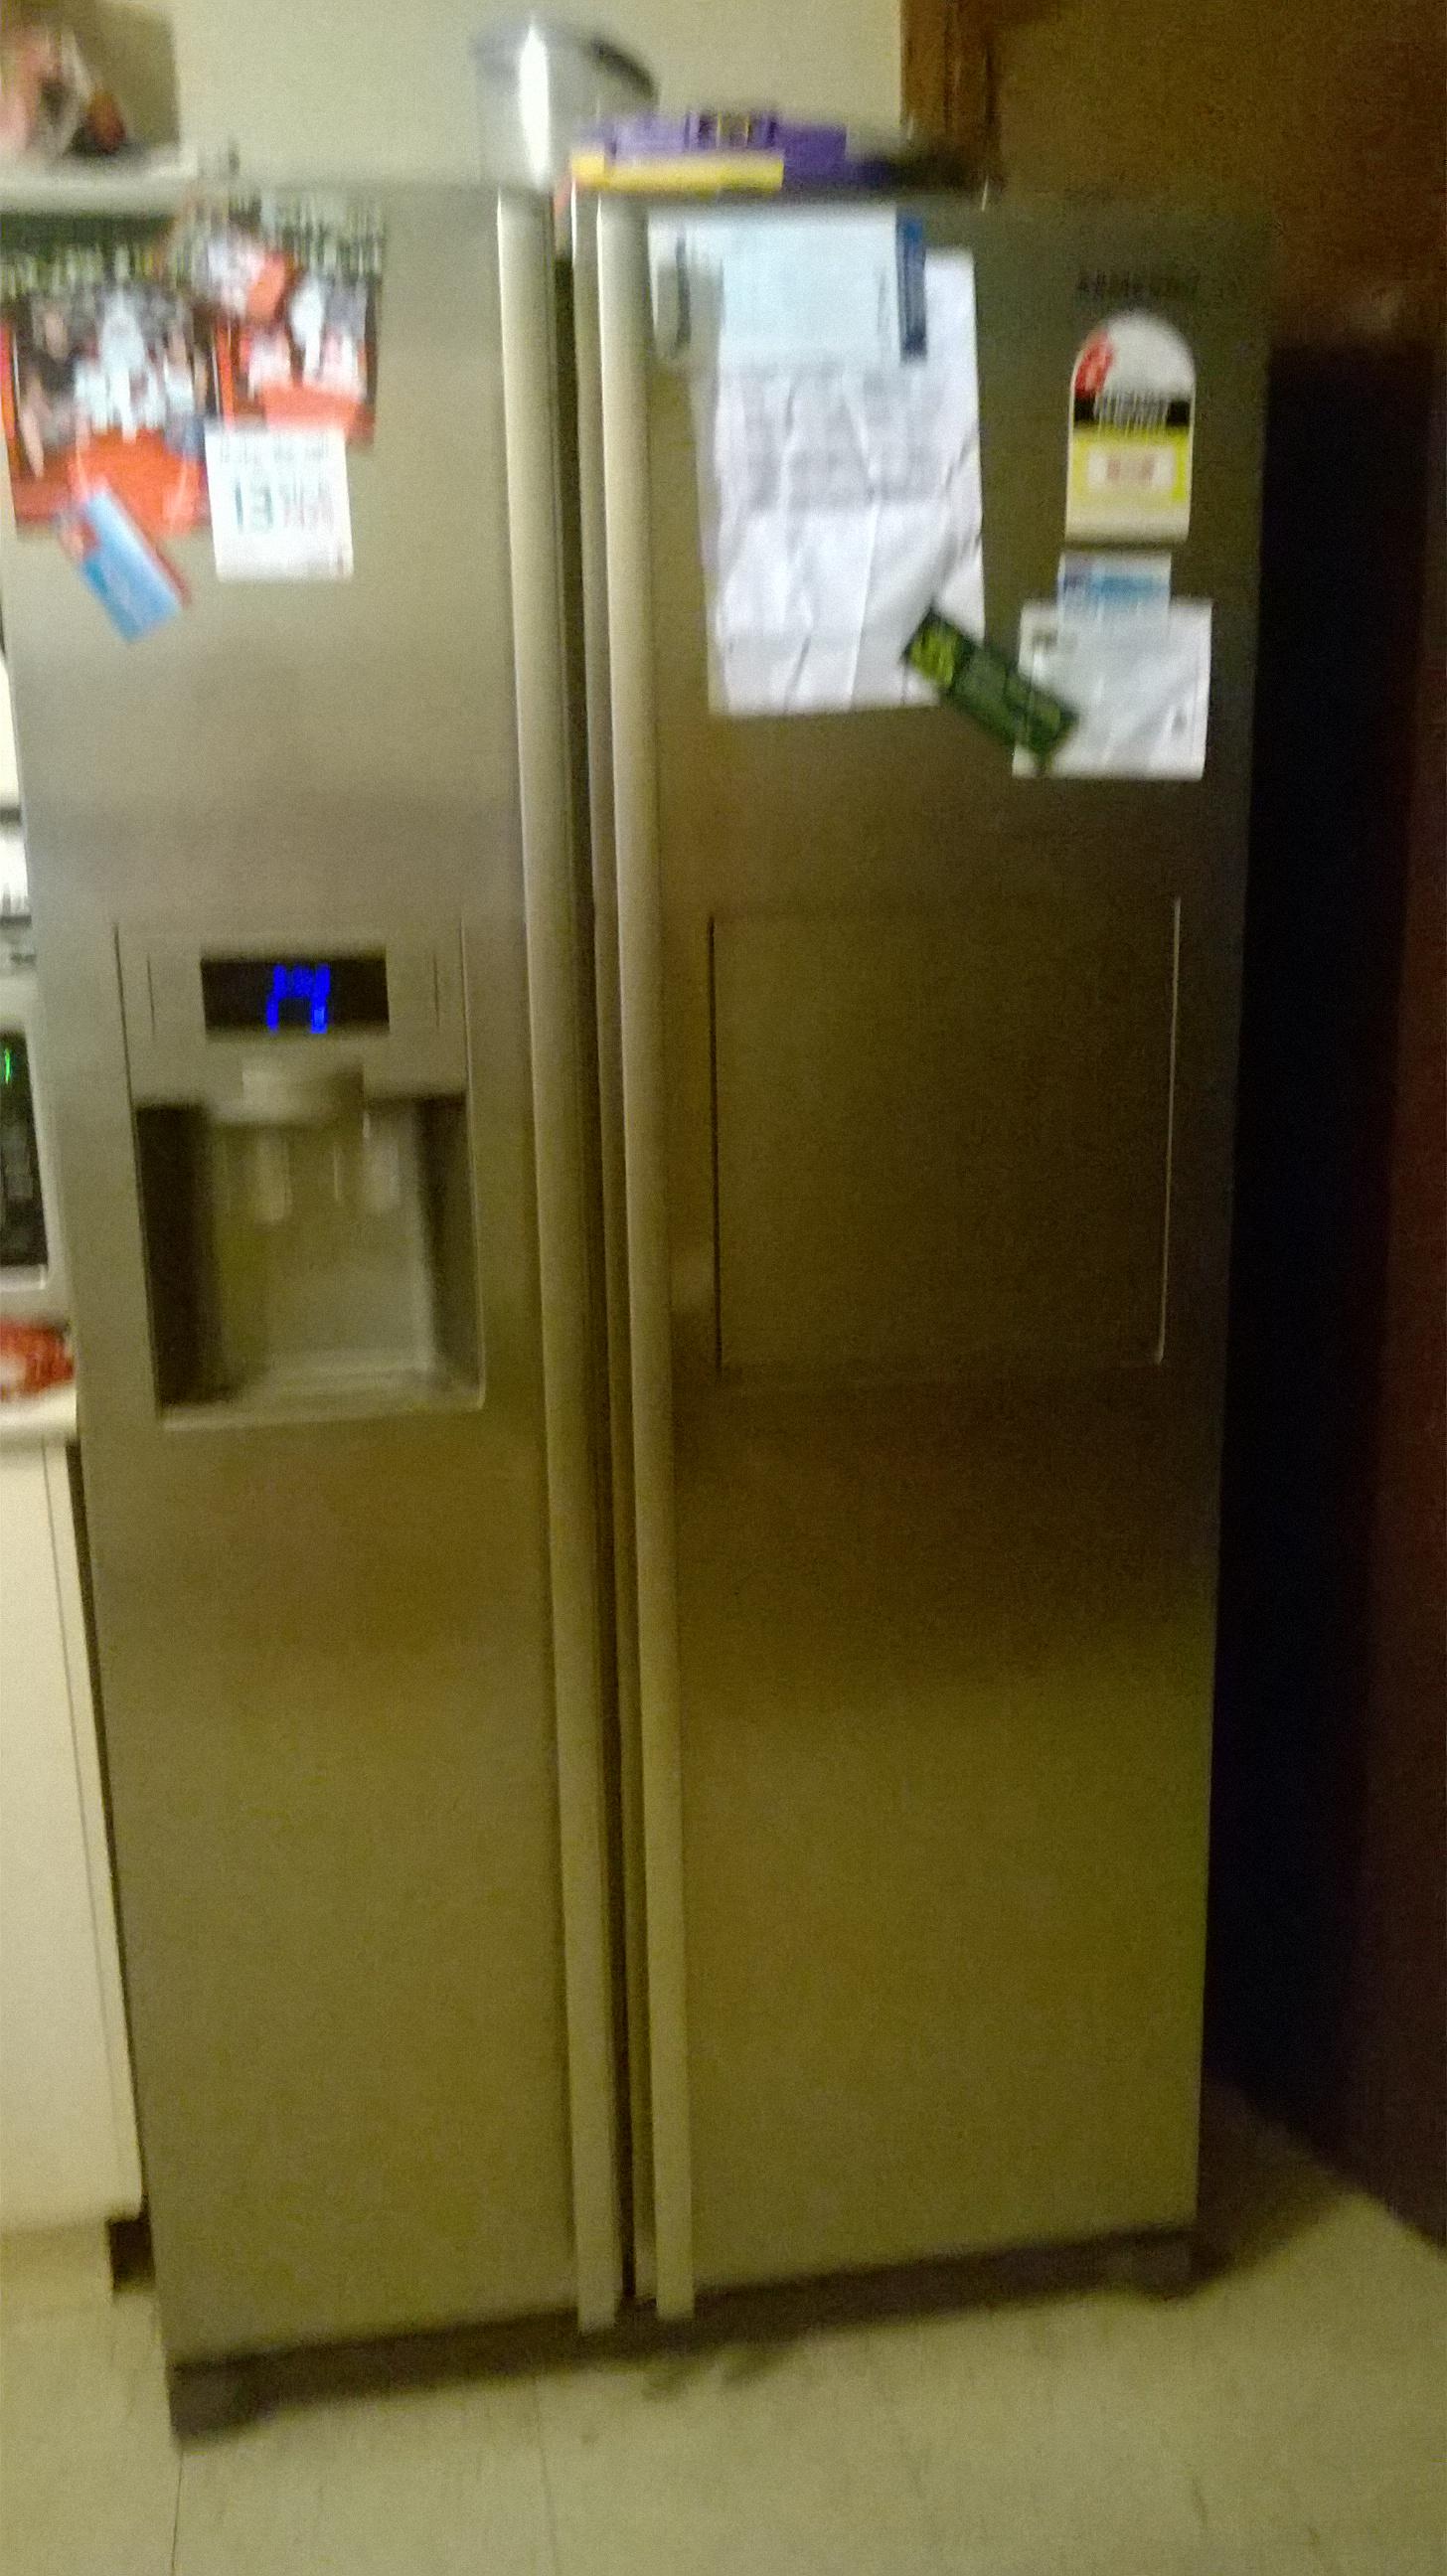 Samsung Appliances Customer Service plaints Department